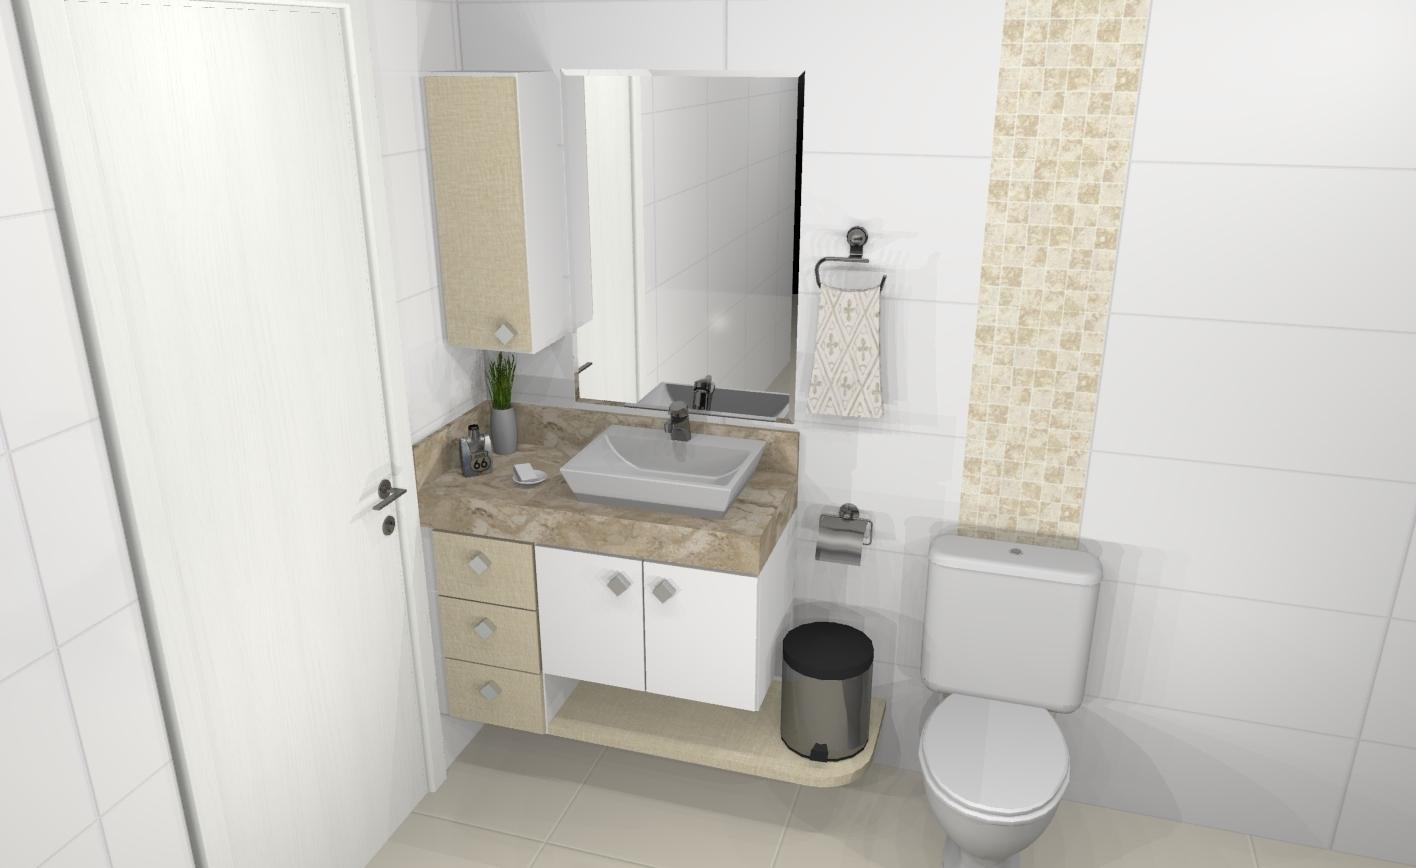 Banheiros » Apreciare móveis planejados #756C56 1416x868 Banheiro Com Banheira Planejado